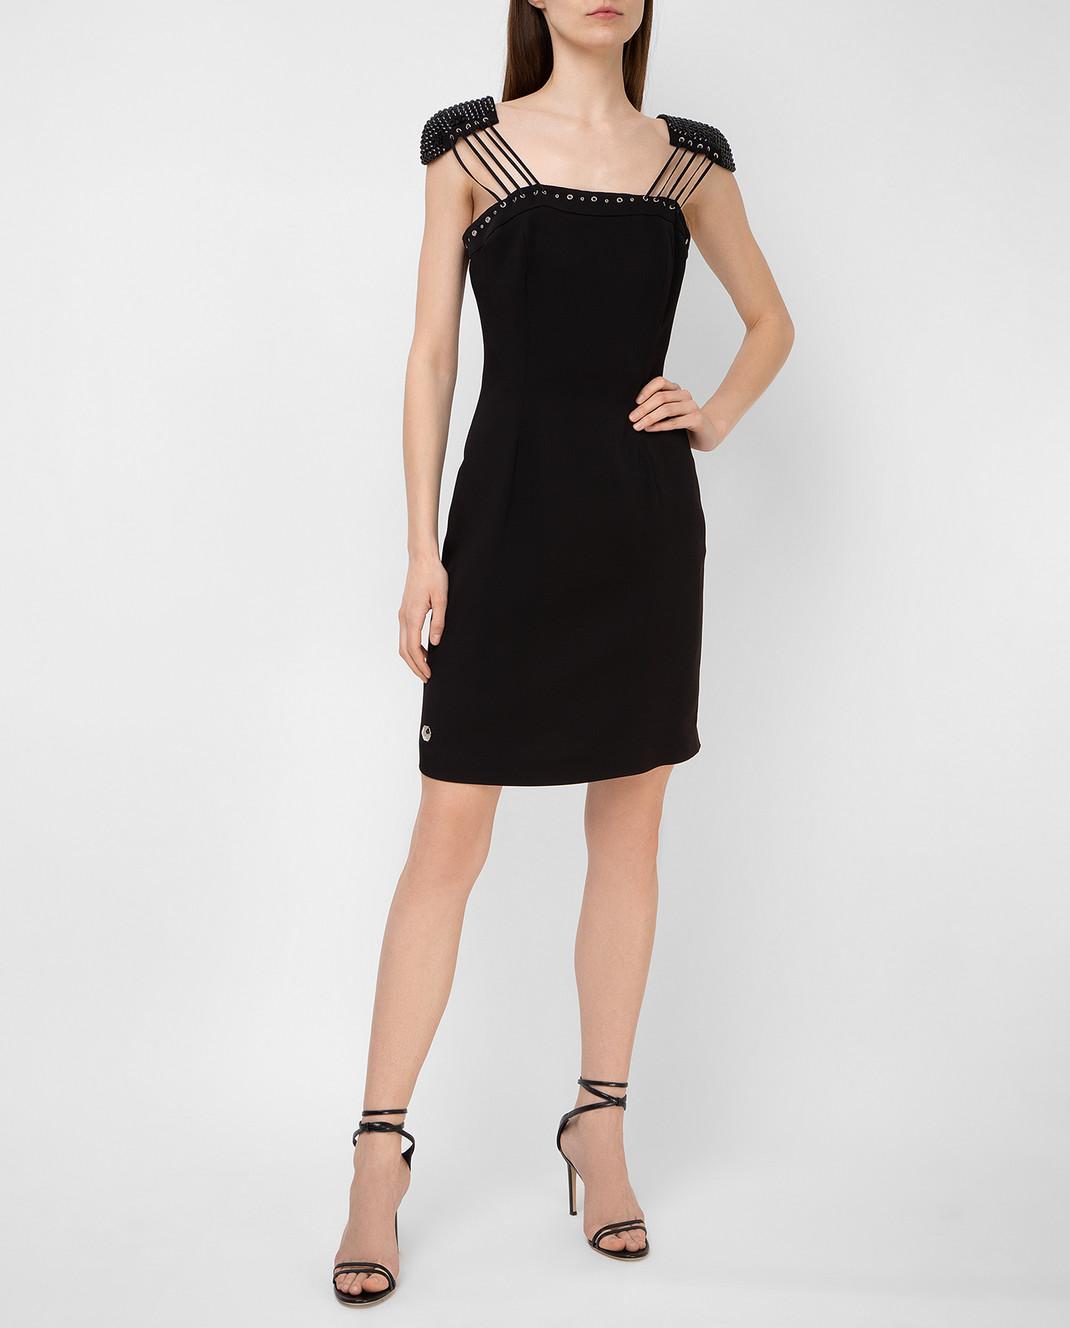 Philipp Plein Черное платье с кристаллами CWRG0060 изображение 2